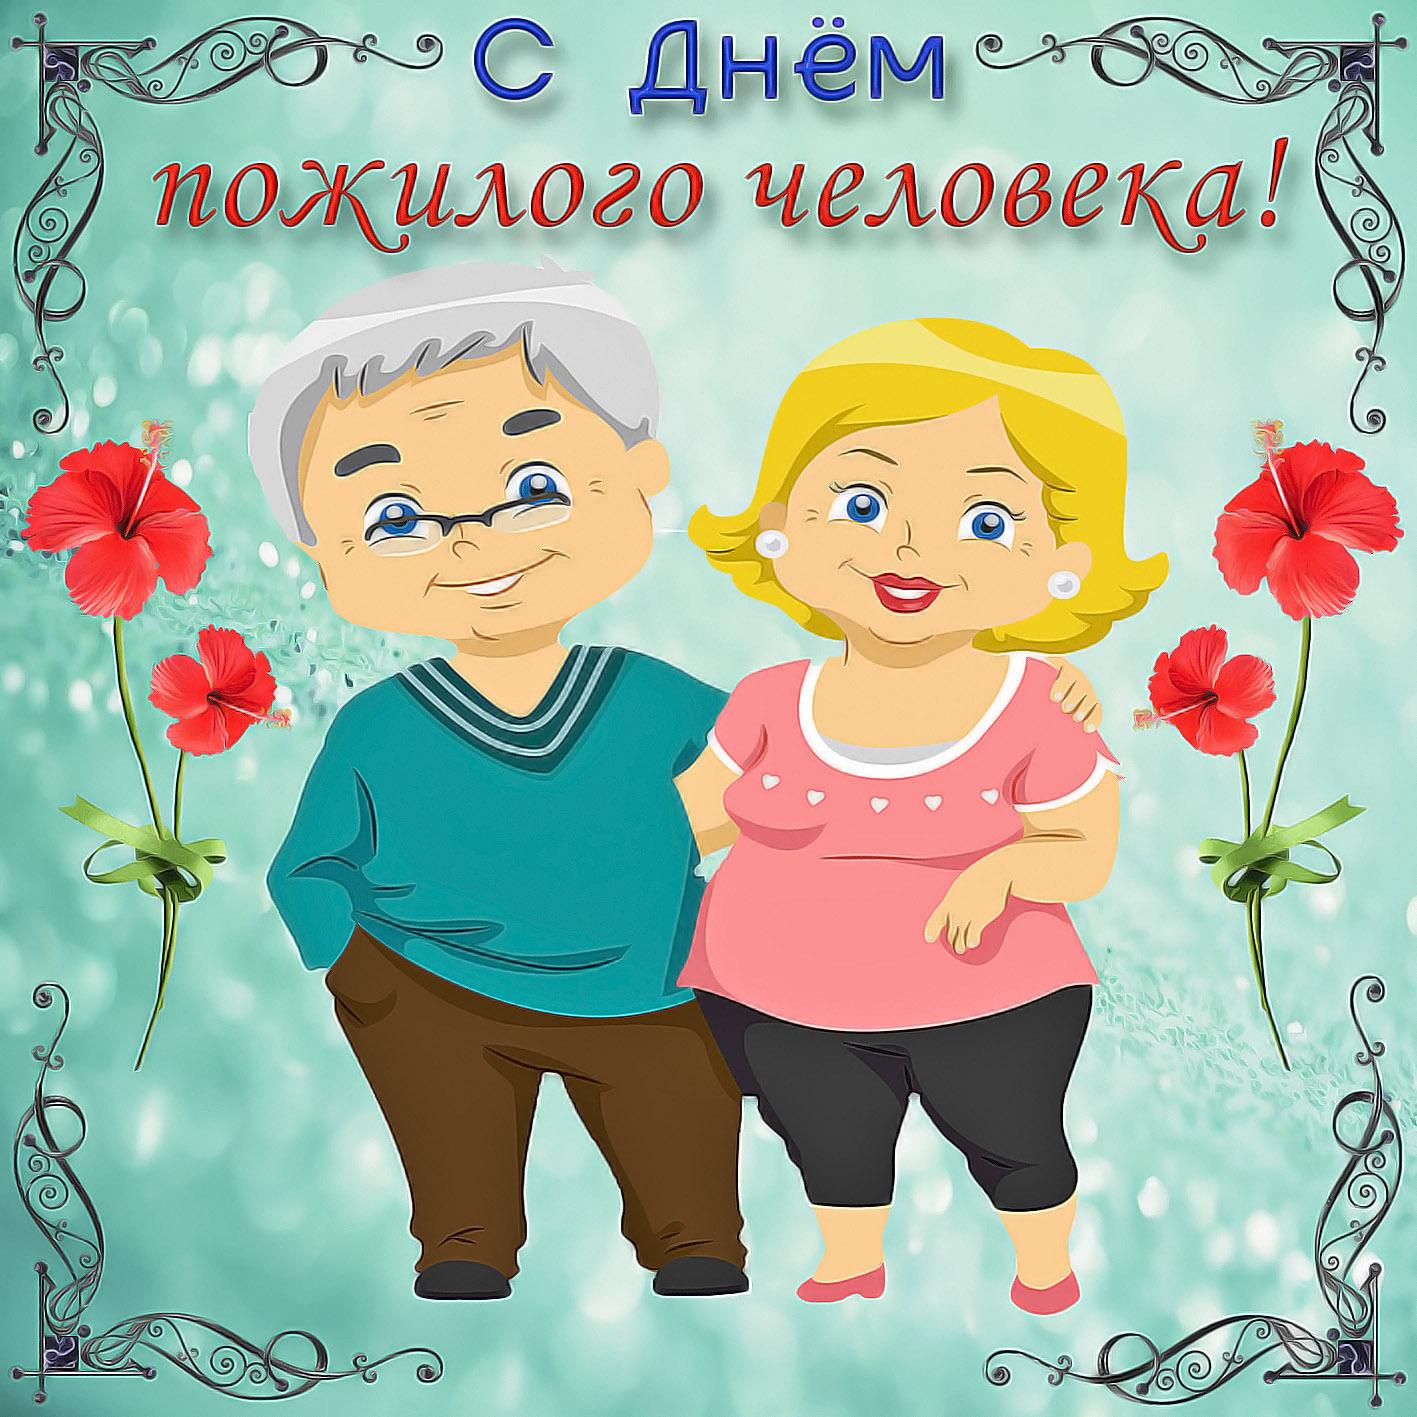 С днем пожилого человека открытки прикольные картинки